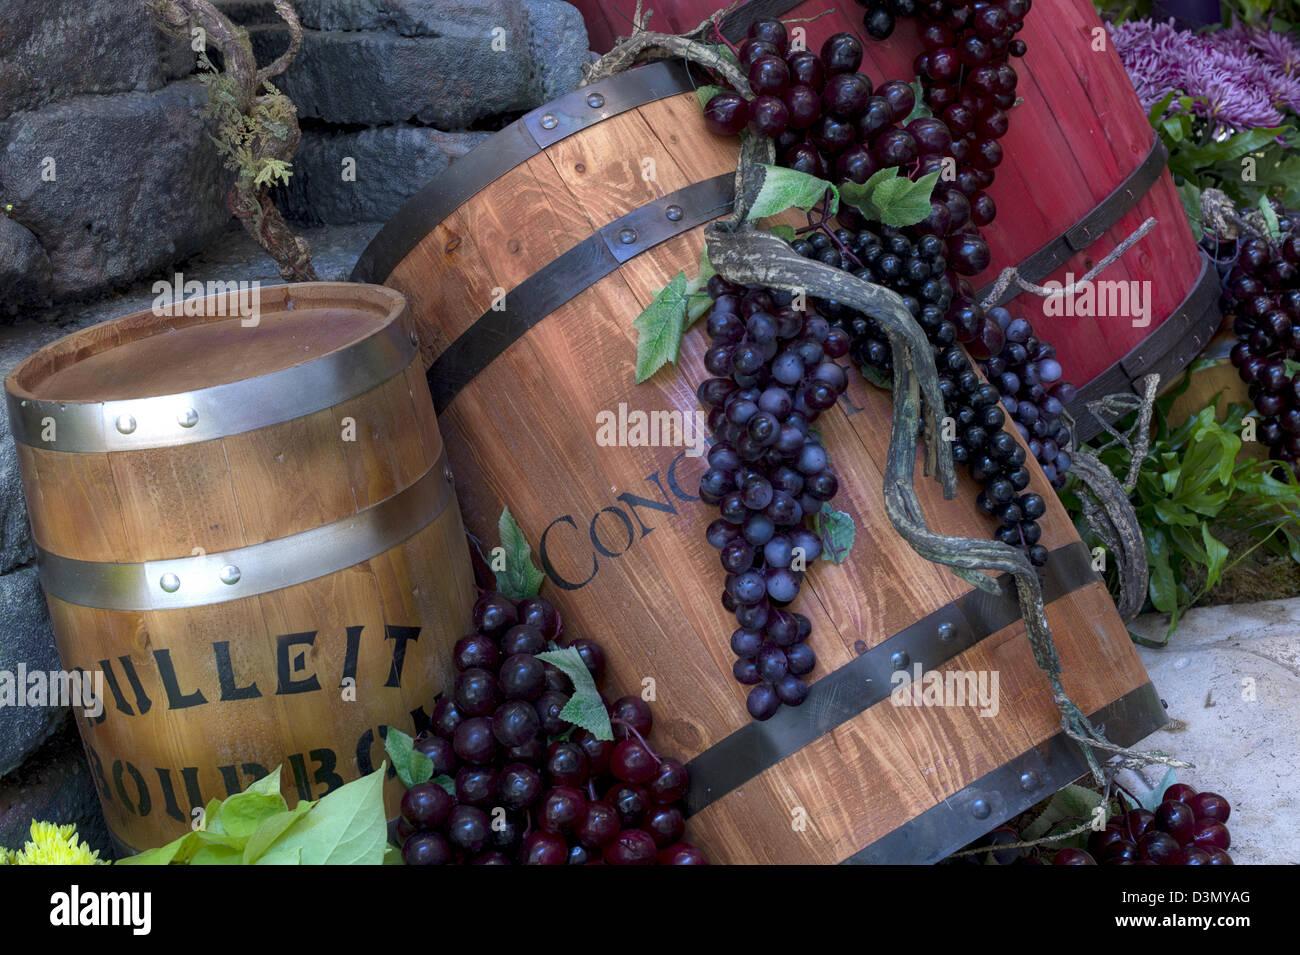 Botte di vino di uve e display. Immagini Stock